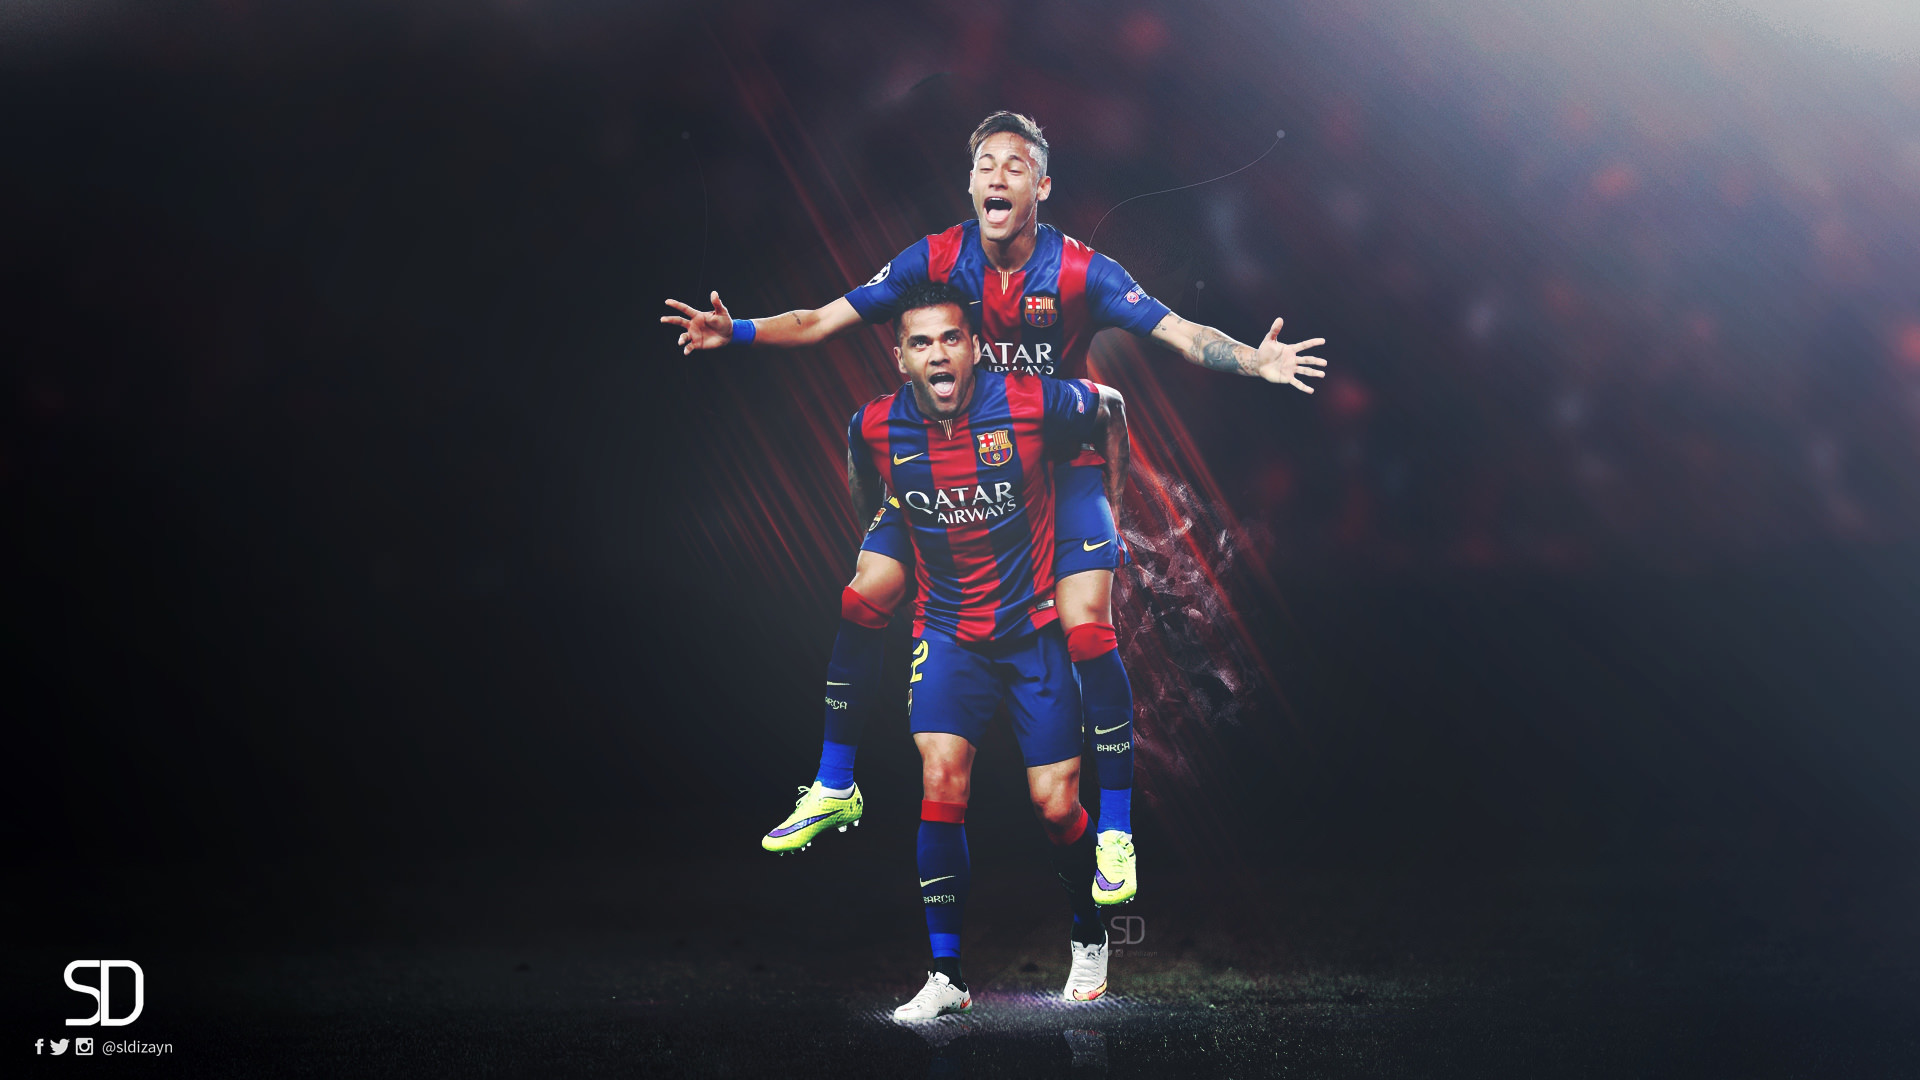 Dani Alves Neymar FC Barcelona Wallpaper